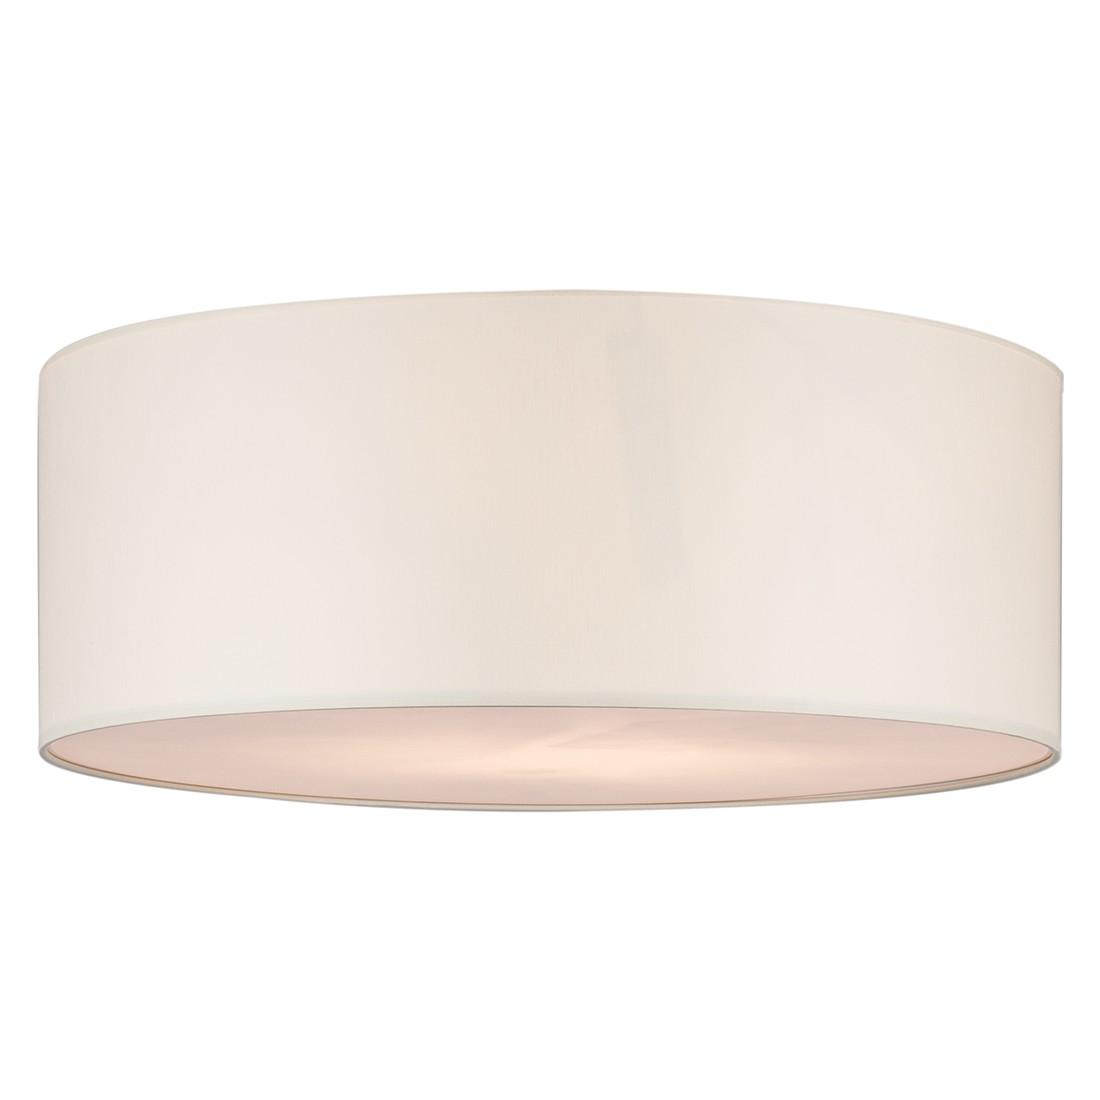 Lampada da soffitto Plafon 60 cm, City Licht